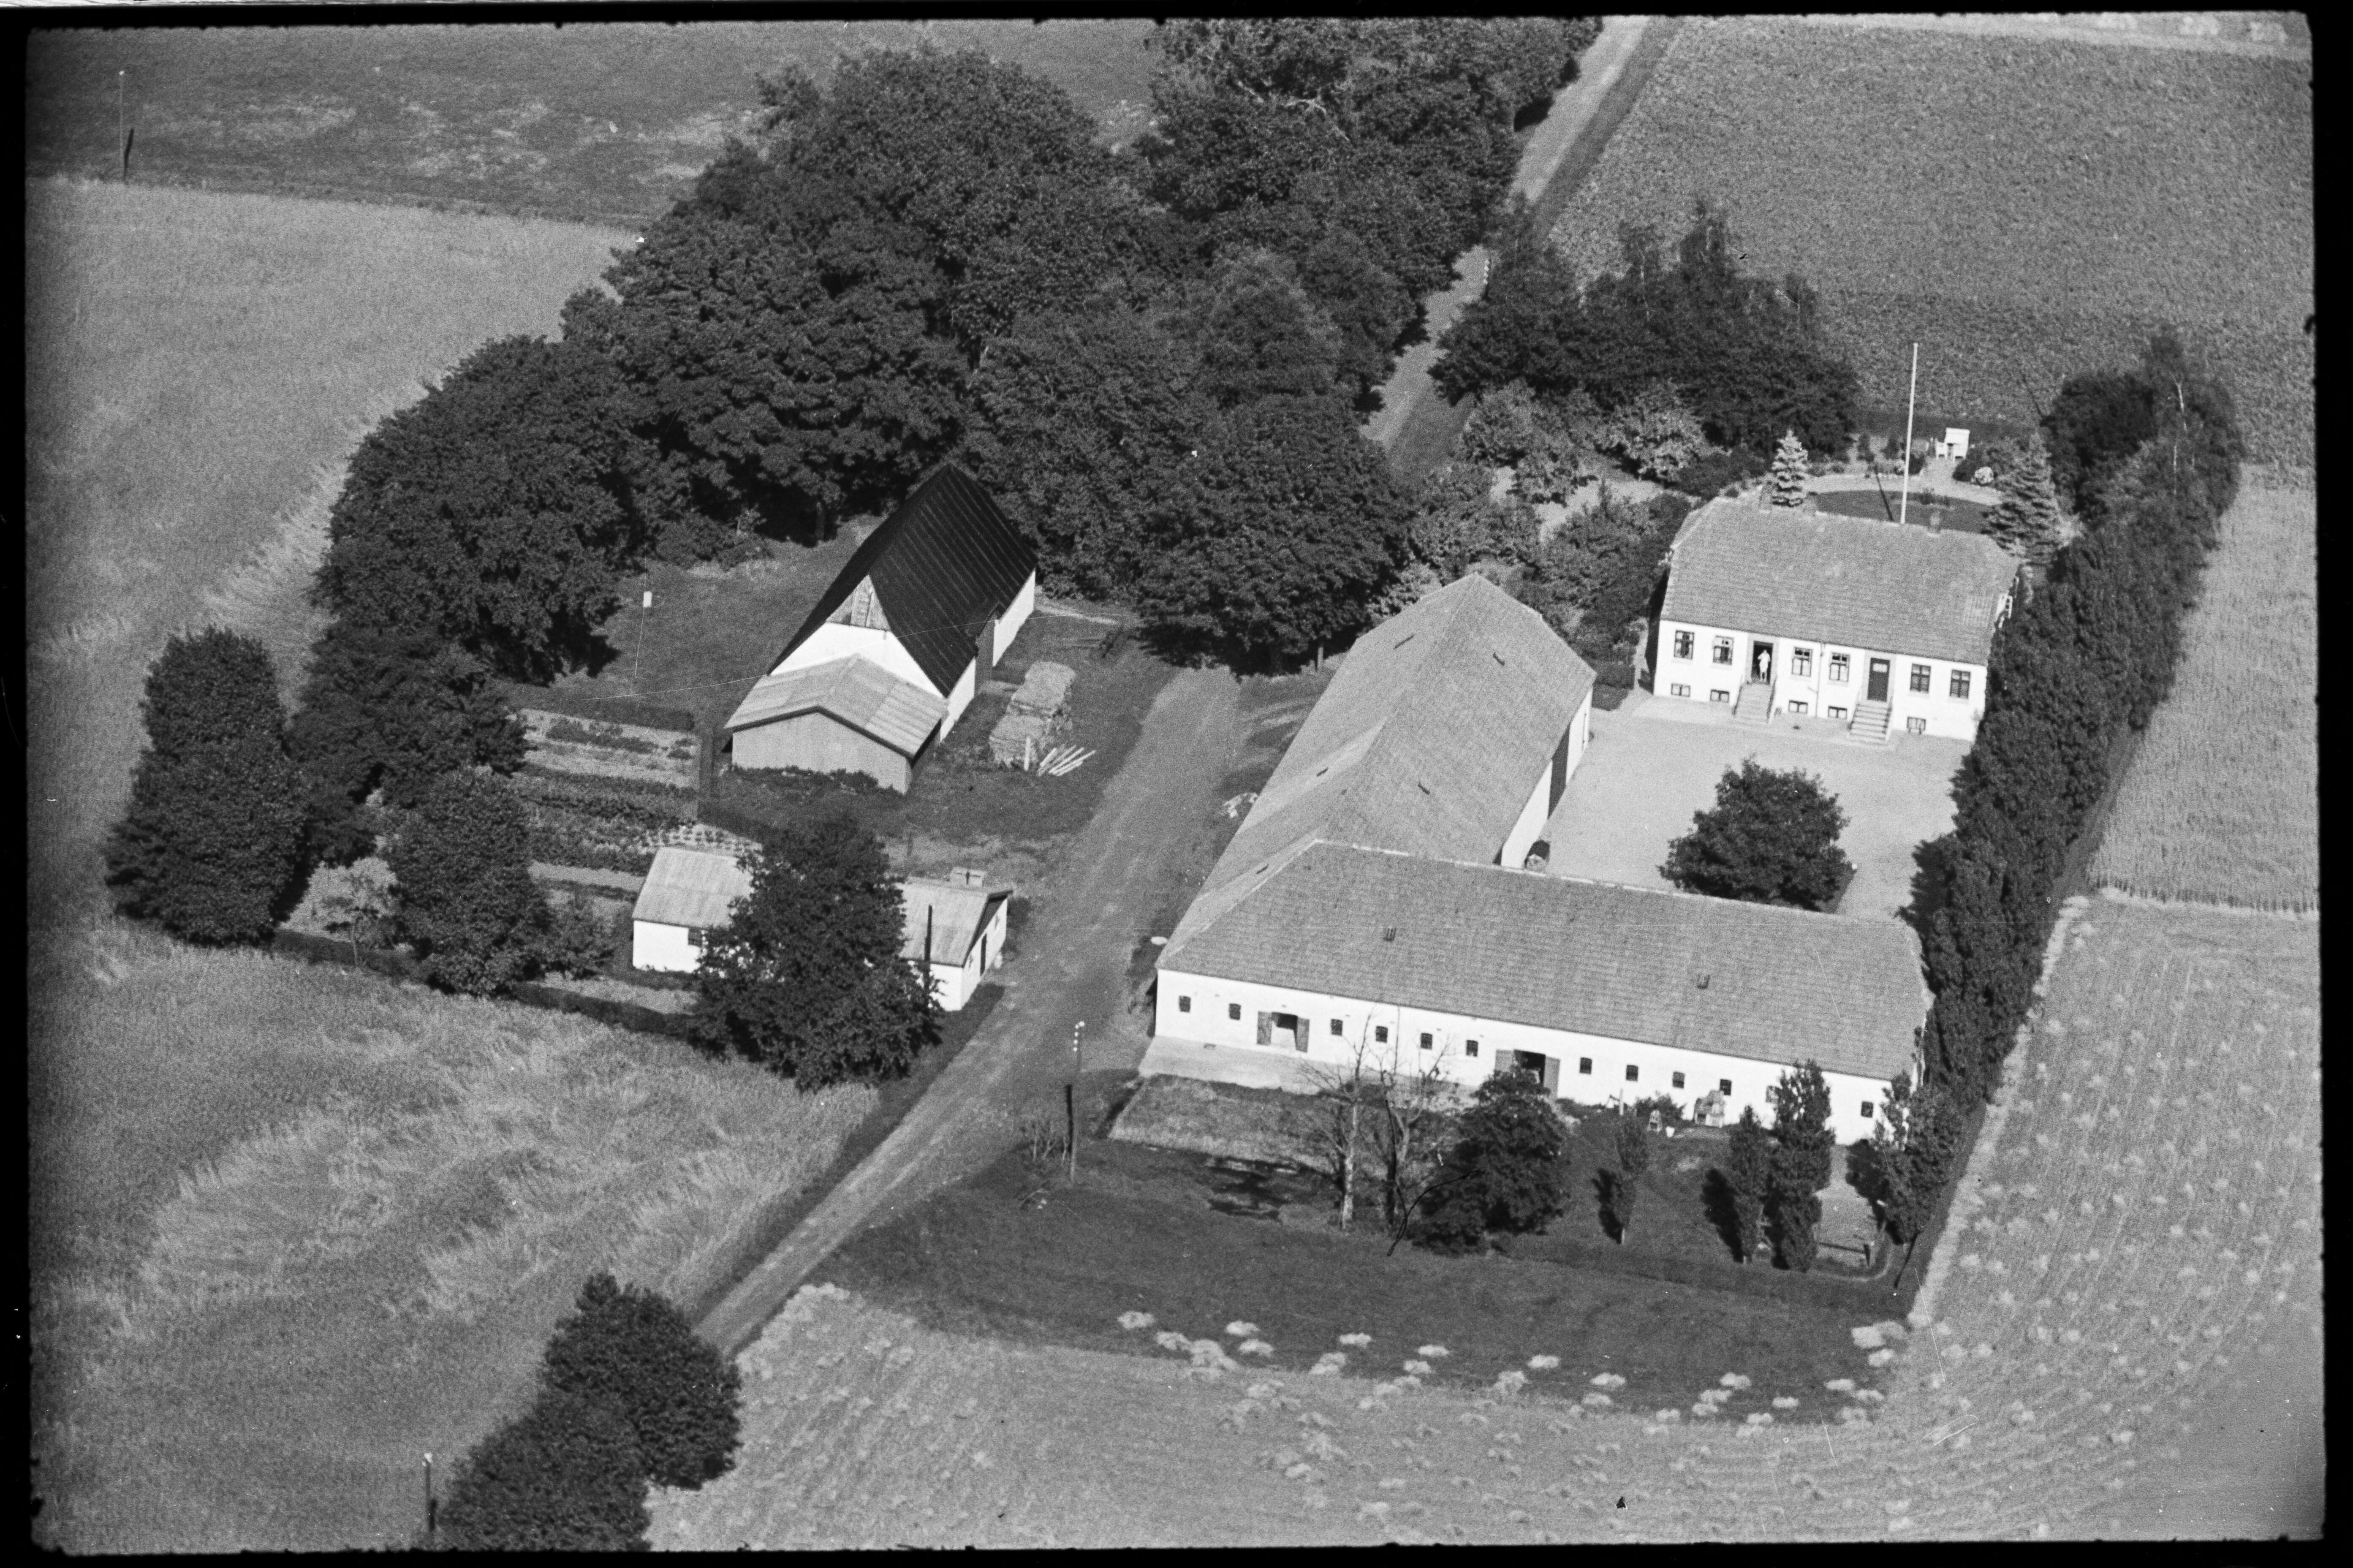 Skråfoto fra 1936-1938 taget 153 meter fra Byvej 201, st. 13